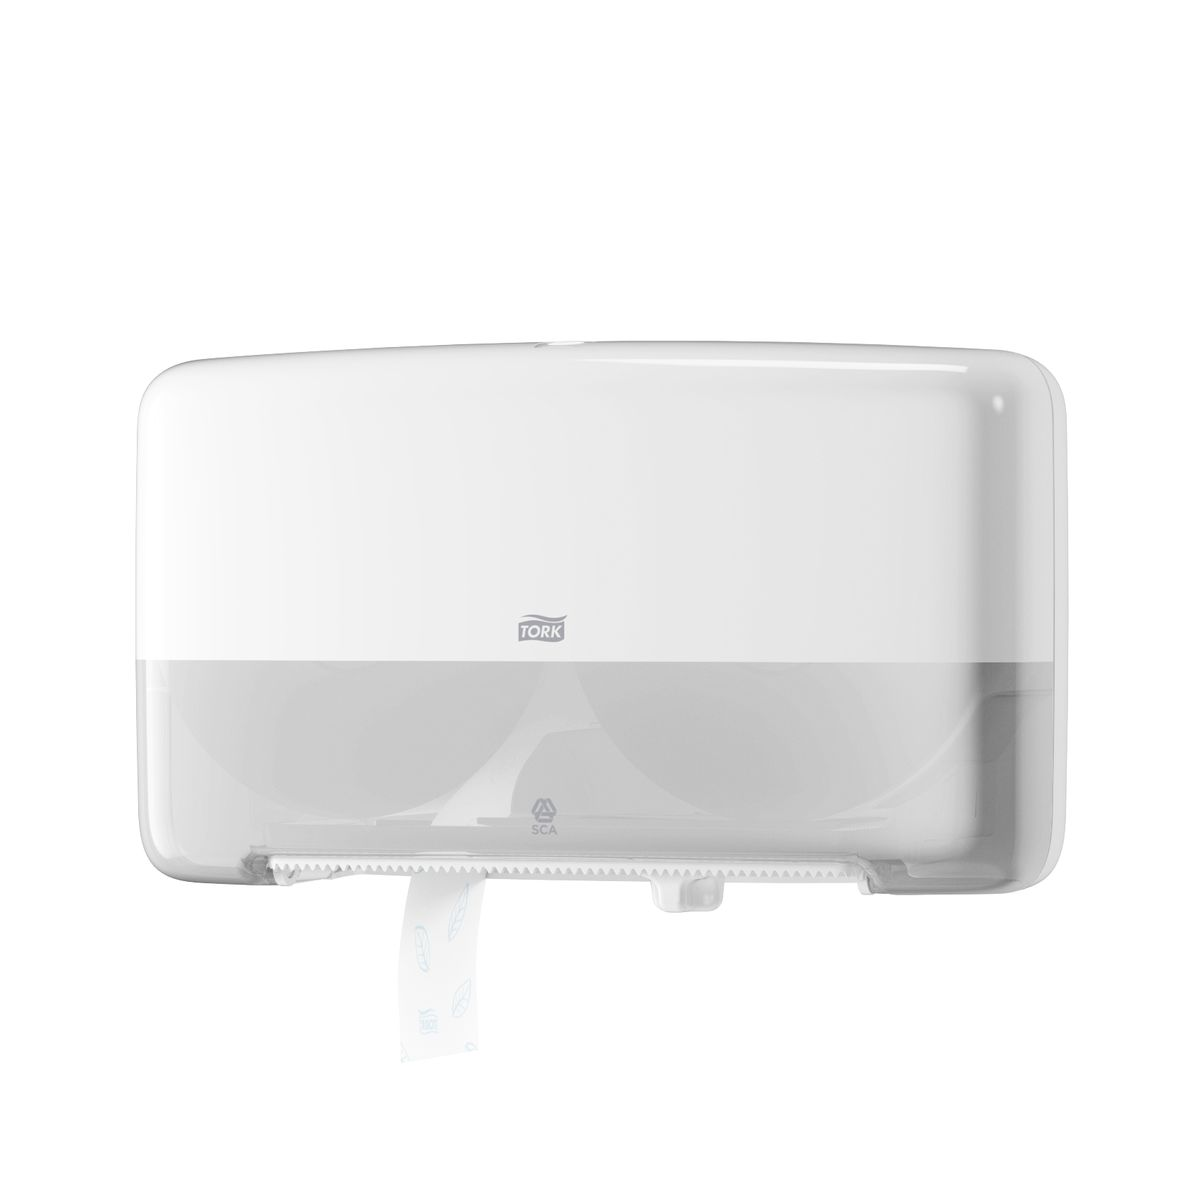 Диспенсер для туалетной бумаги Tork, цвет: белый. 555500NN-605-LS-WСистема T2 - для туалетной бумаги в мини рулонахПредназначен для туалетных комнат средне-высокой проходимости.Вмещает 2 мини рулона туалетной бумаги Tork Т2.Очень компактный.Емкость до 340м.Вмещает запасной рулон.Доступ к запасному рулону открывается, после окончания основного рулона.100% использование каждого рулона.Стопор для плавного вращения и предотвращения перерасхода.